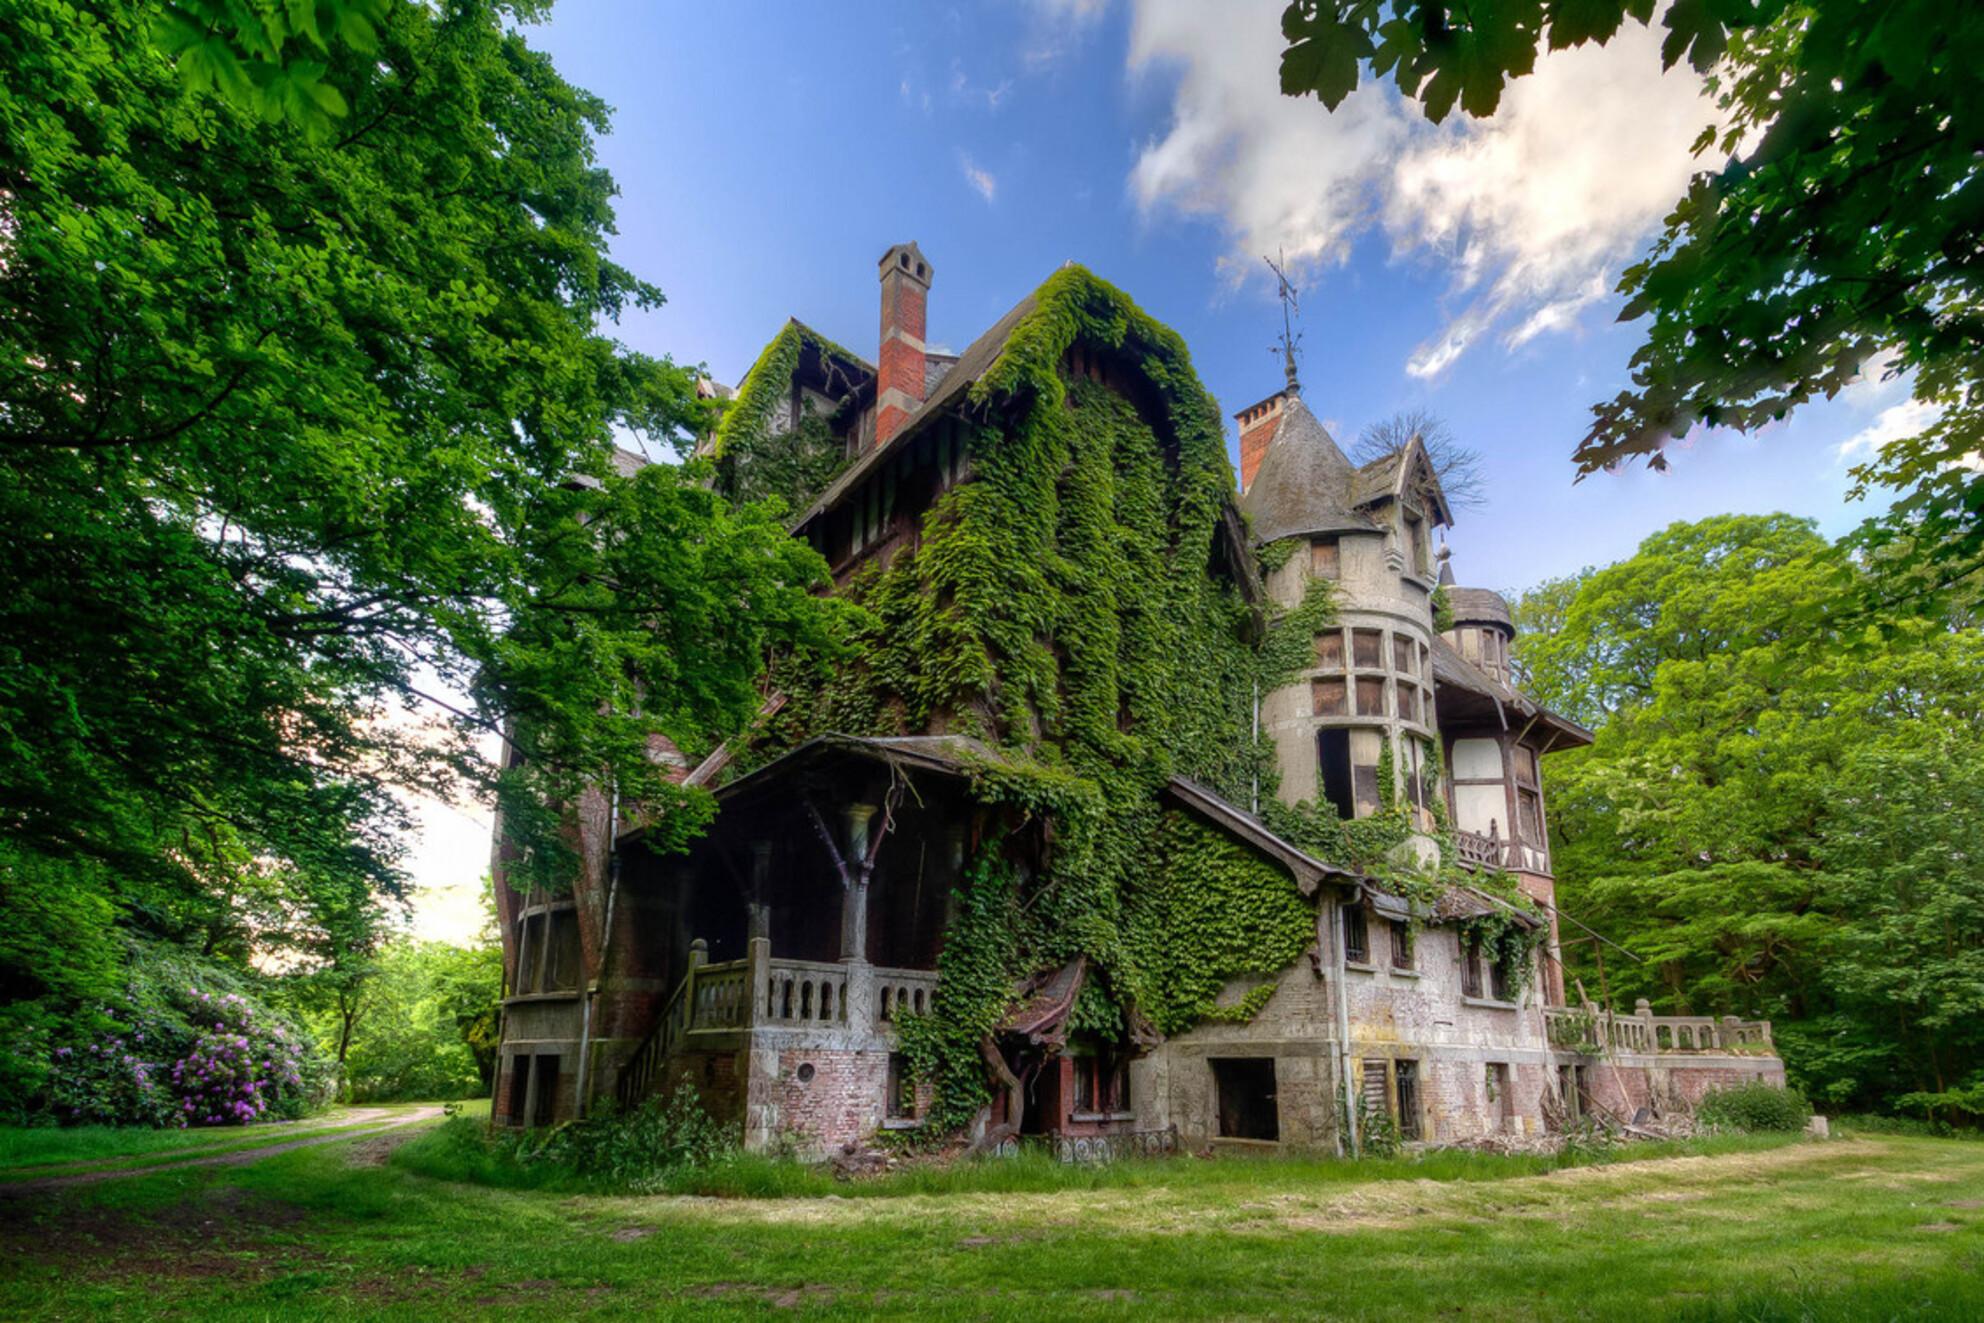 Huis vol Mysterie - Dit prachtige huis is gelegen ergens verstopt in de bossen in België. De begroeiing en stijl van het huis zorgt voor een hele mysterieuze sfeer. Na e - foto door Juized op 30-07-2014 - deze foto bevat: zon, natuur, licht, bos, heks, urban, huis, verlaten, hdr, verval, sprookje, urbex, begroeid, urban exploring